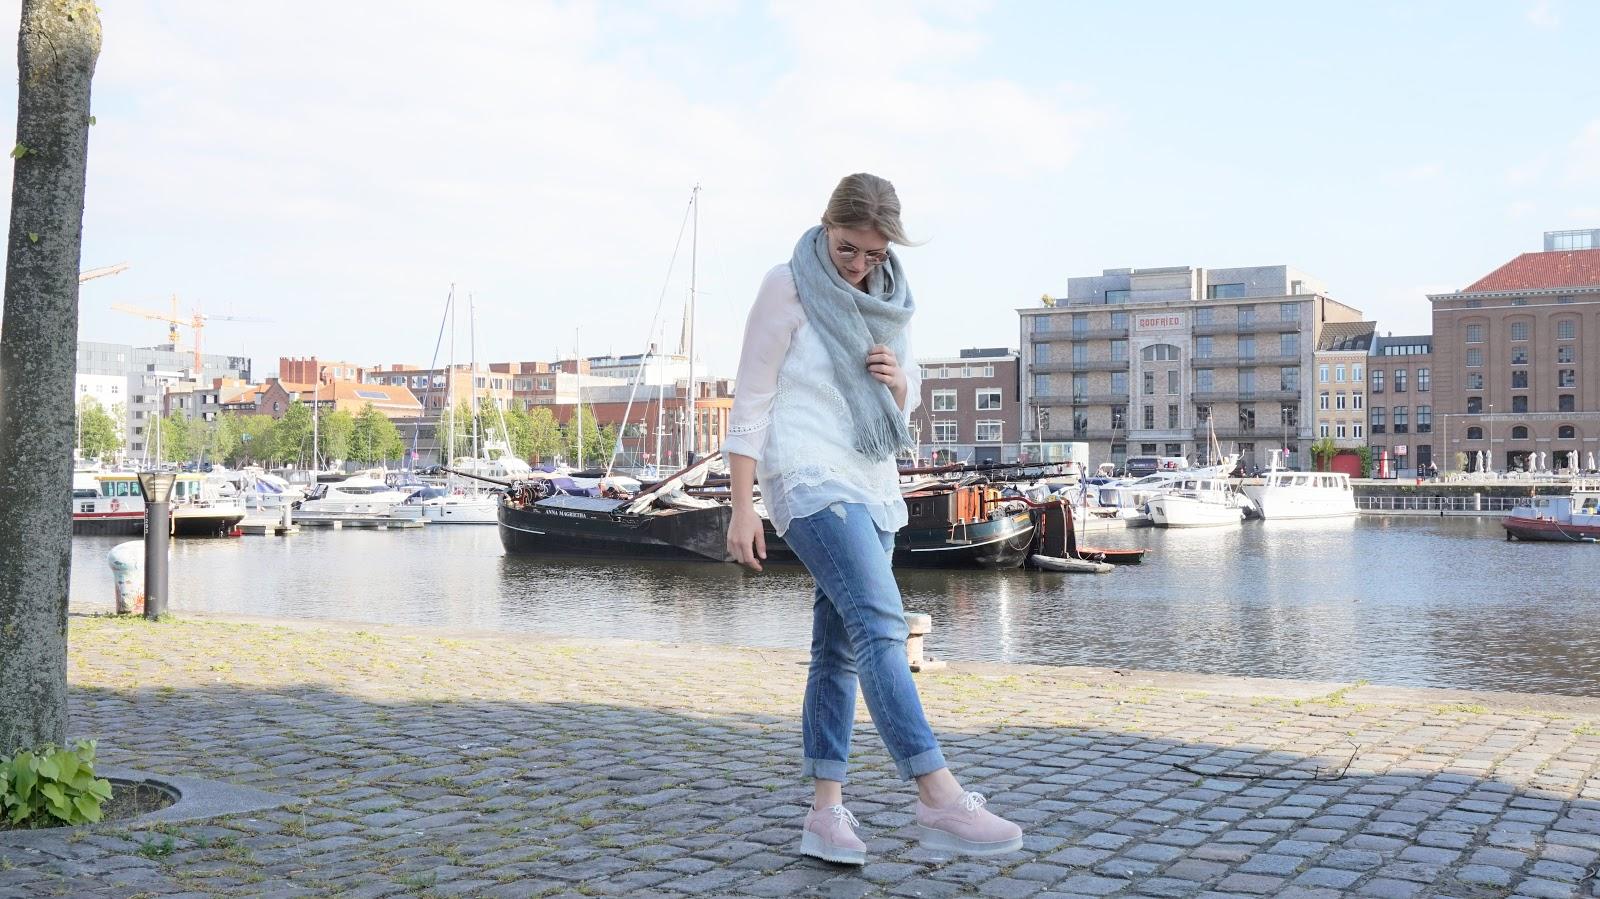 DSC06379 | Eline Van Dingenen